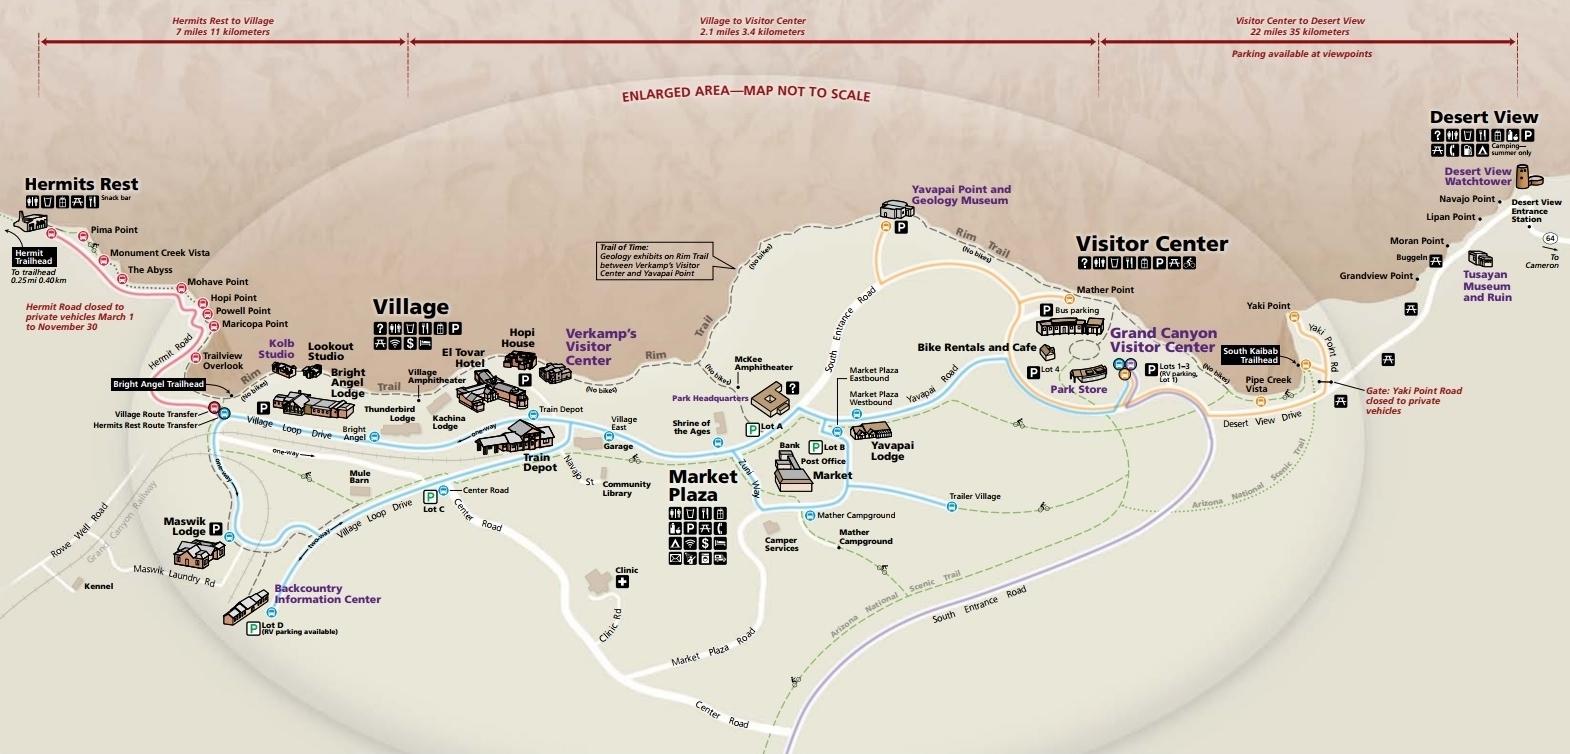 Карта южной части парка. На ней отмечены автобусные остановки, парковки, расположение центра для посетителей и все, что может понадобиться туристу